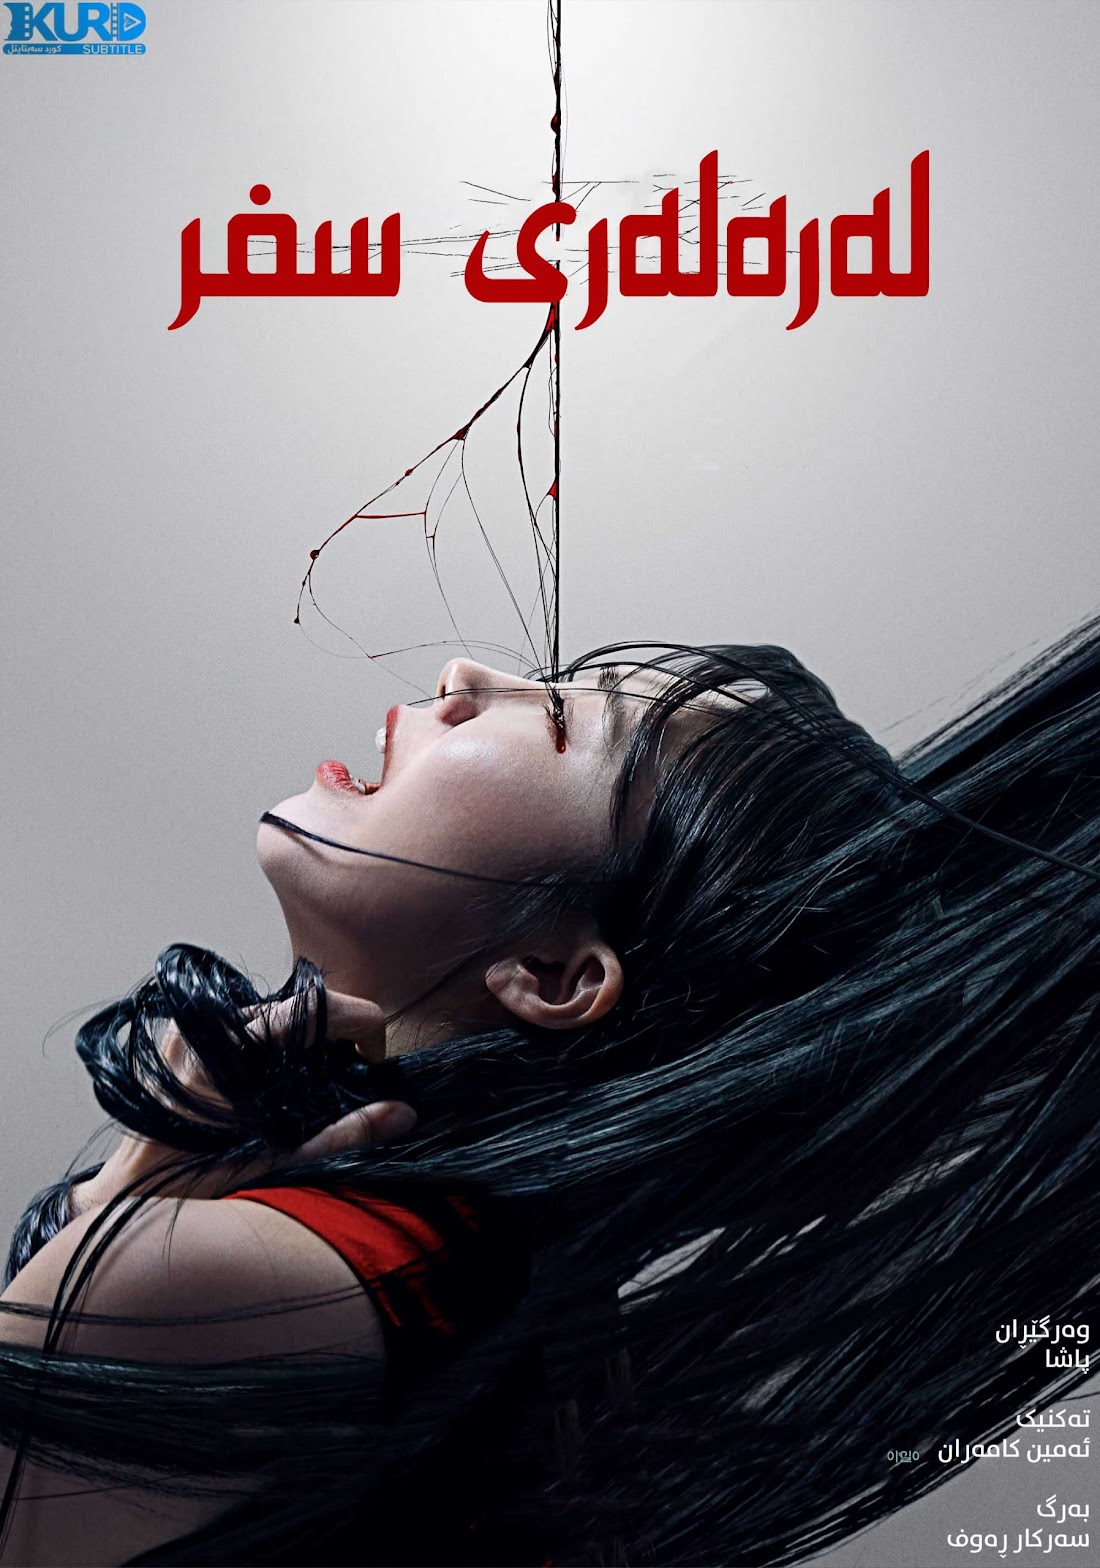 0.0MHz kurdish poster